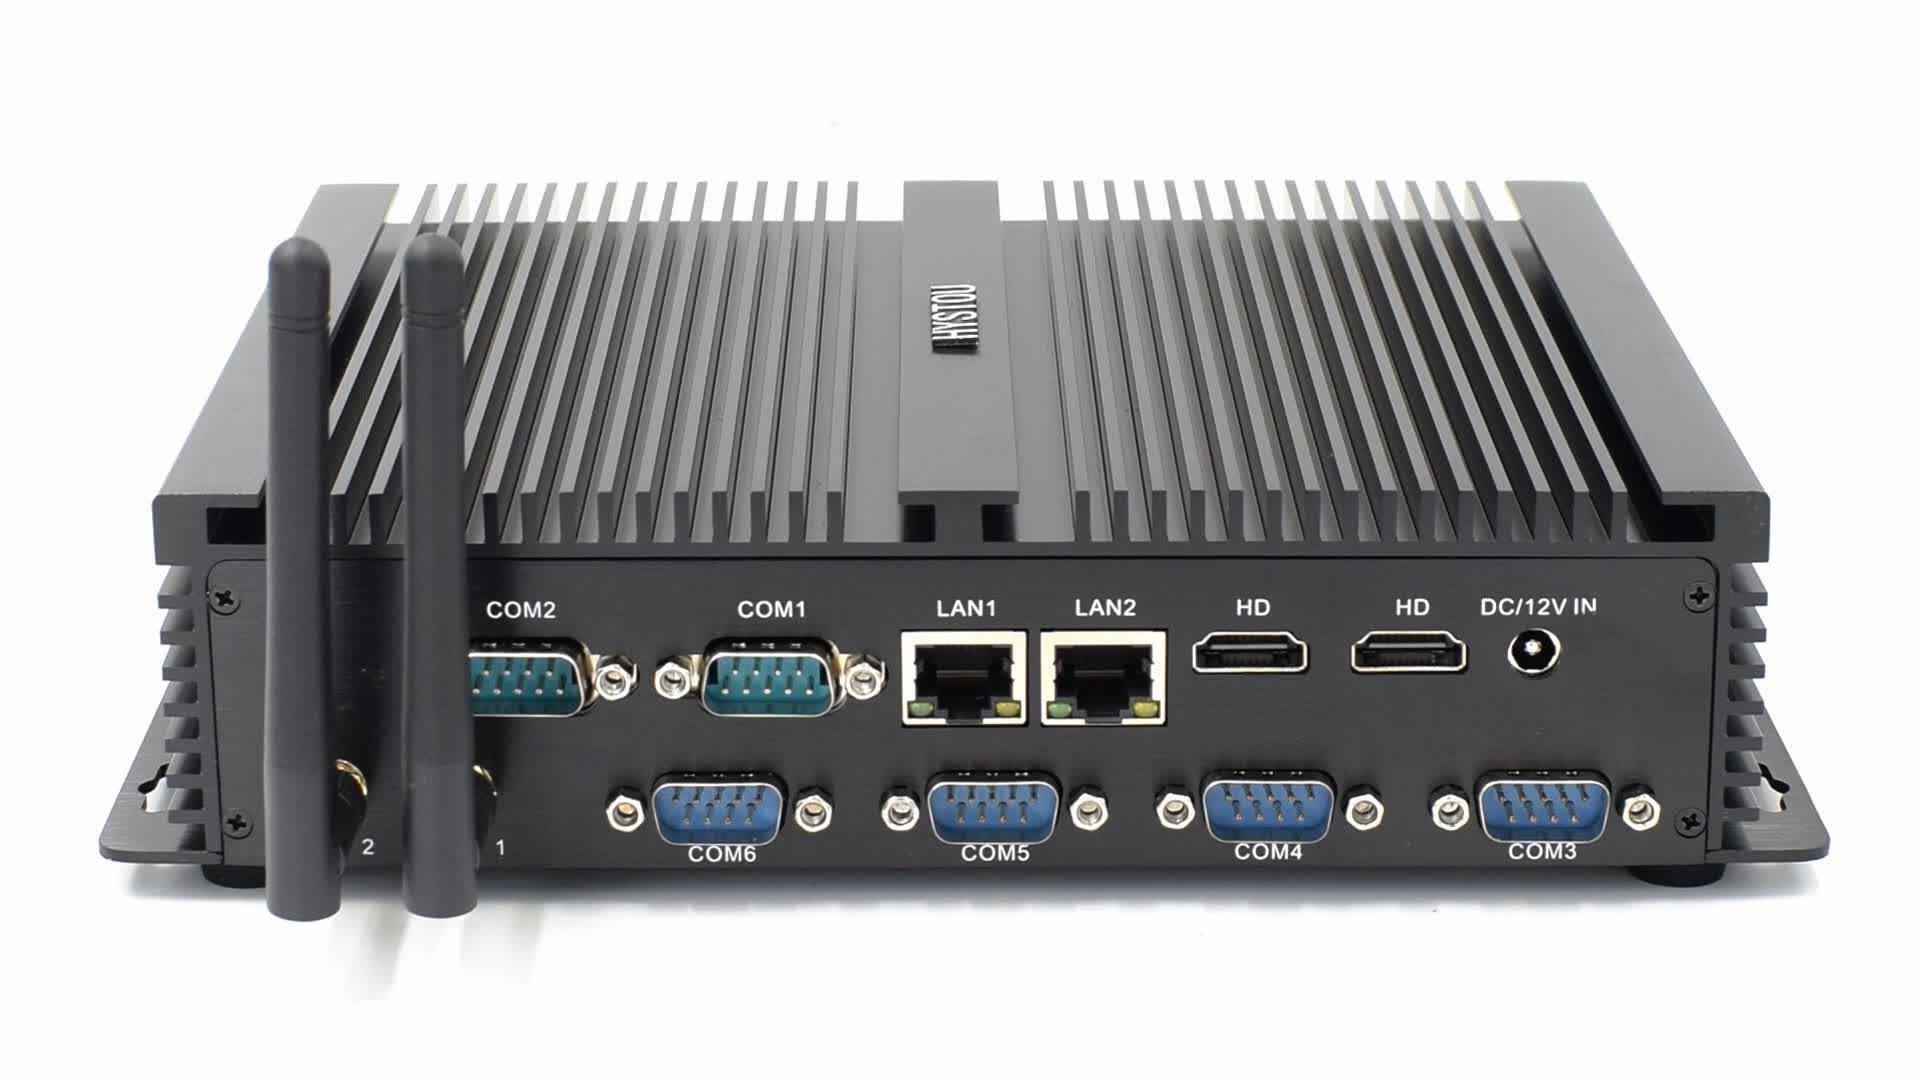 Intel Core i5 4300u Ordinateur Industriel Hôte i5 Broadwell PC Sans Ventilateur Mini PC avec ITM Carte Mère X86 Système Barebone